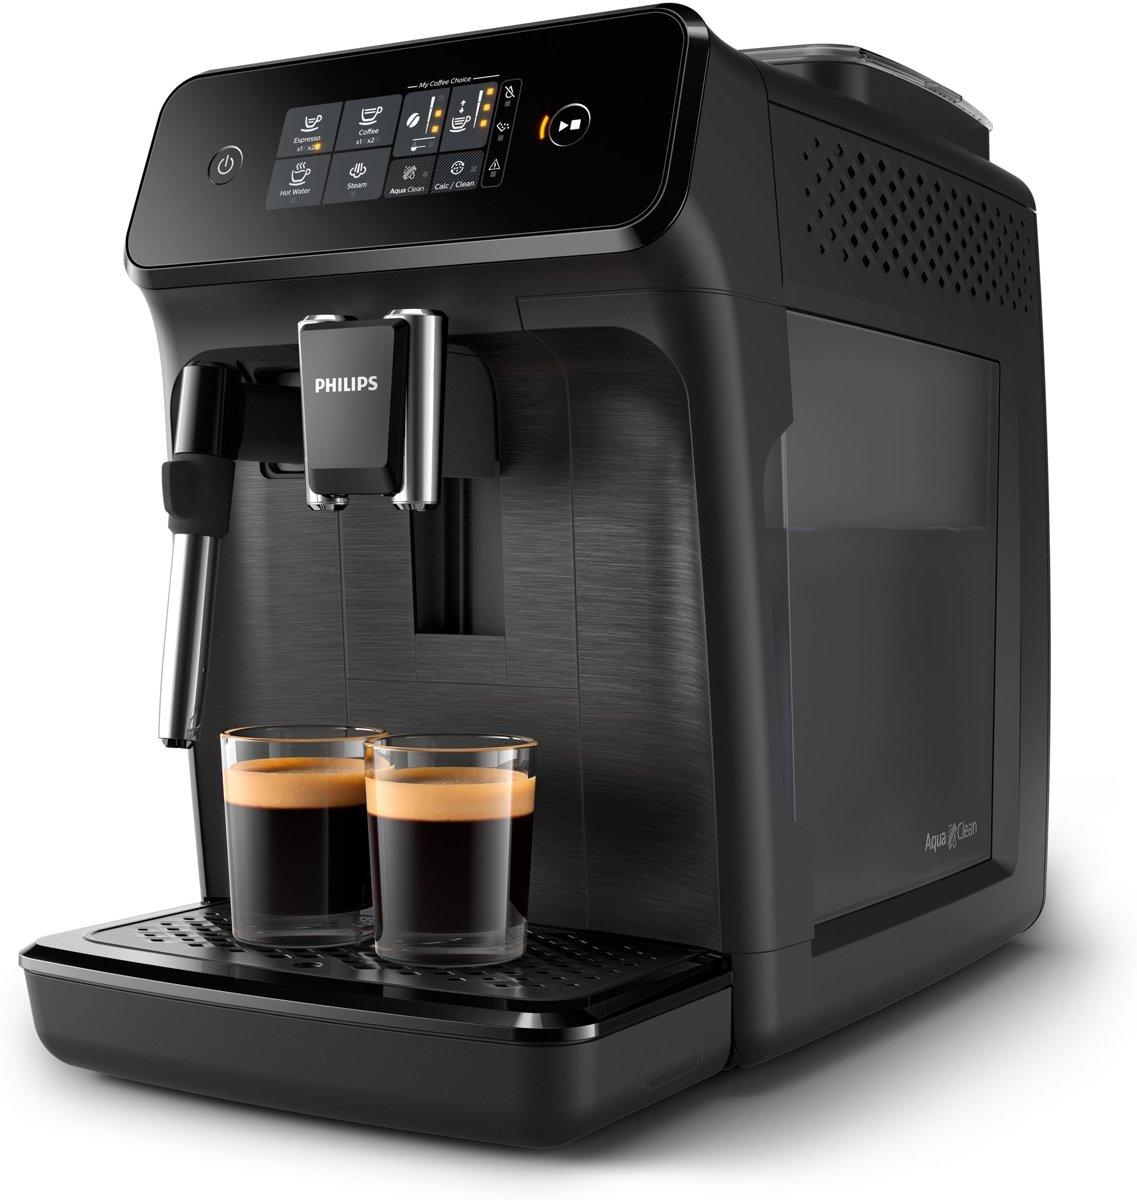 Philips 1200 series Volautomatische espressomachines EP1220/00 kopen